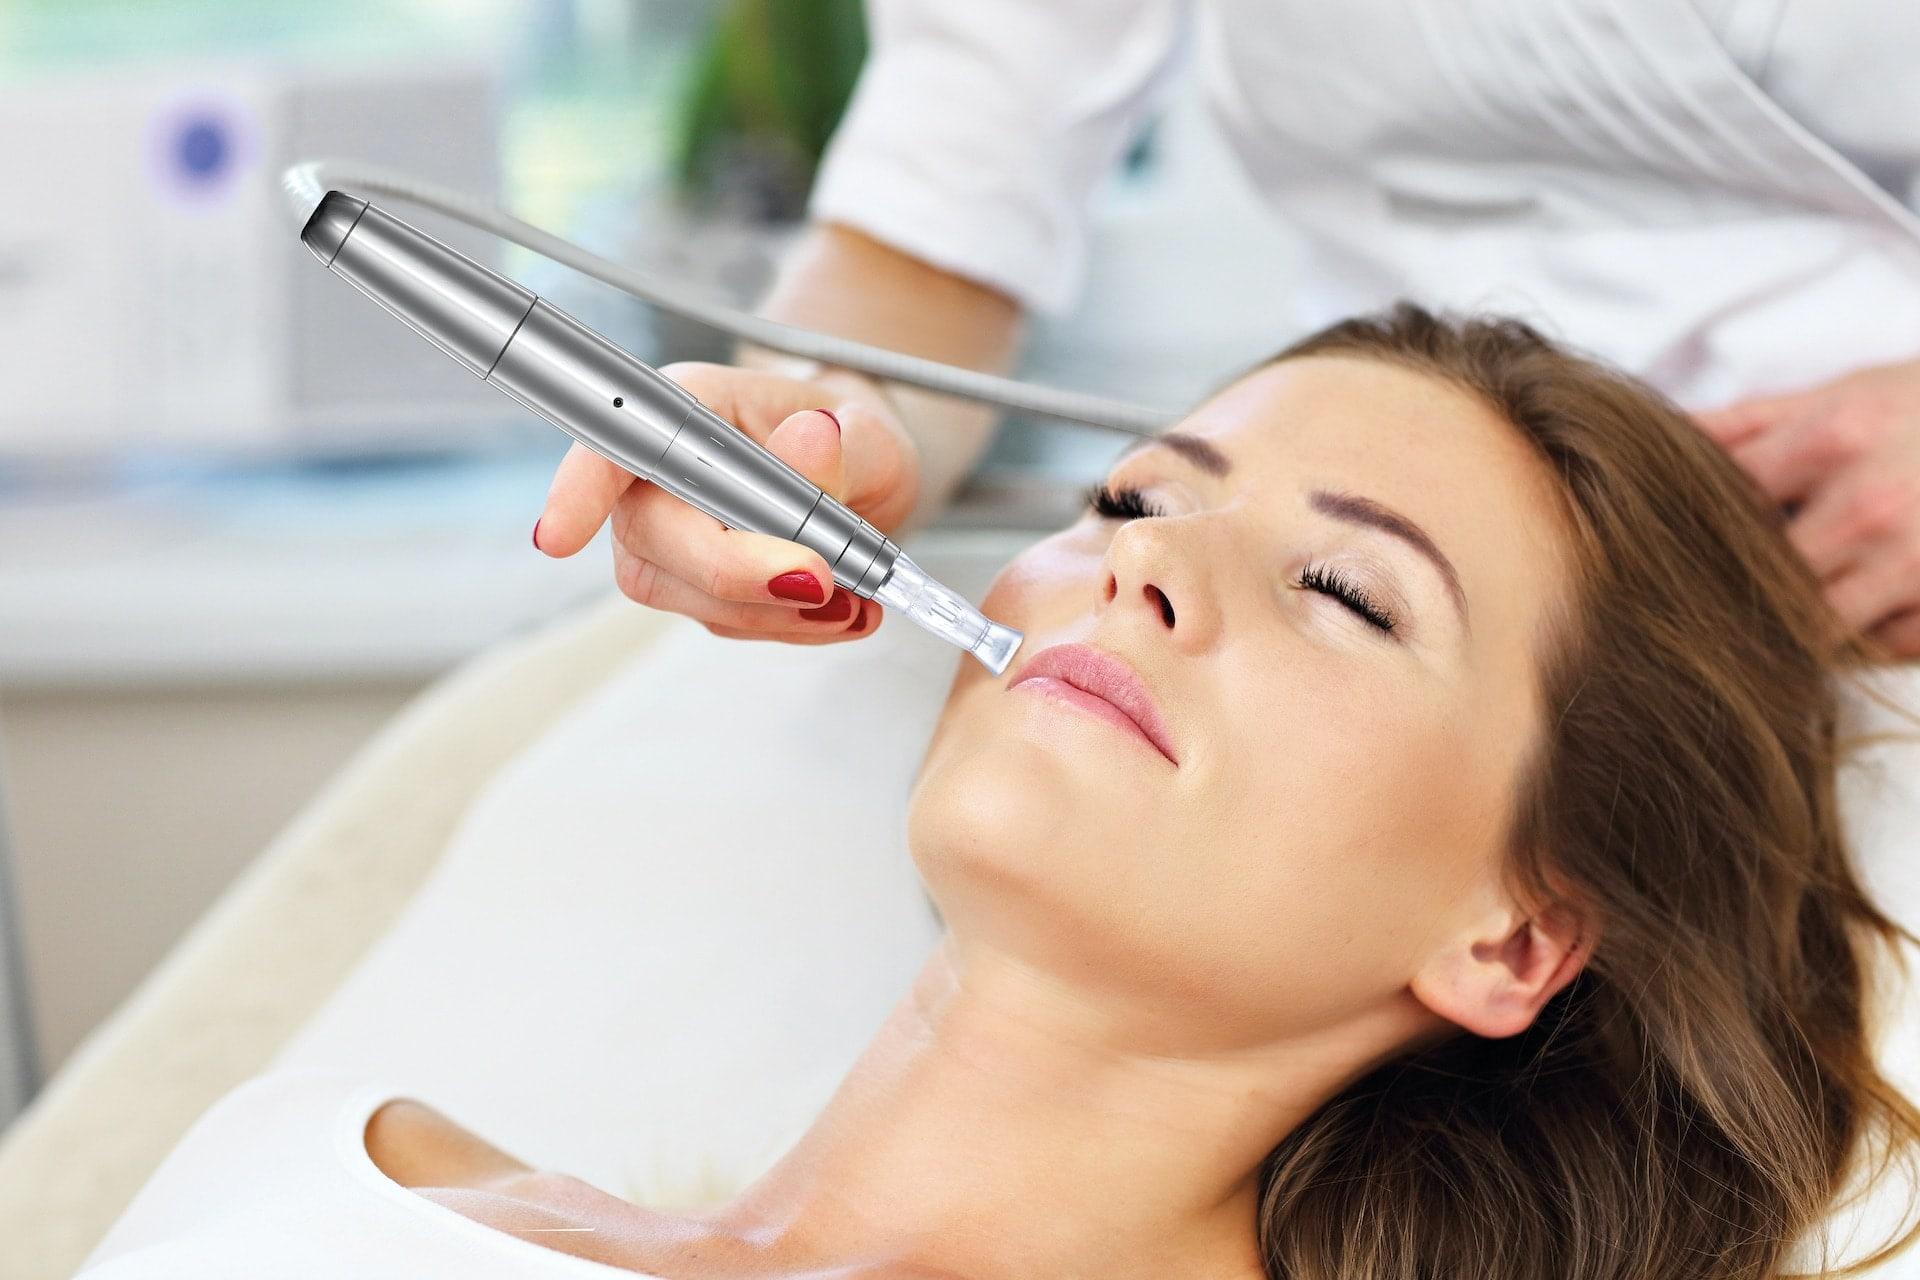 Renata Kajtaz Kosmetikinstitut Ehingen - Bild von Gesichtsbehandlung einer liegenden Frau